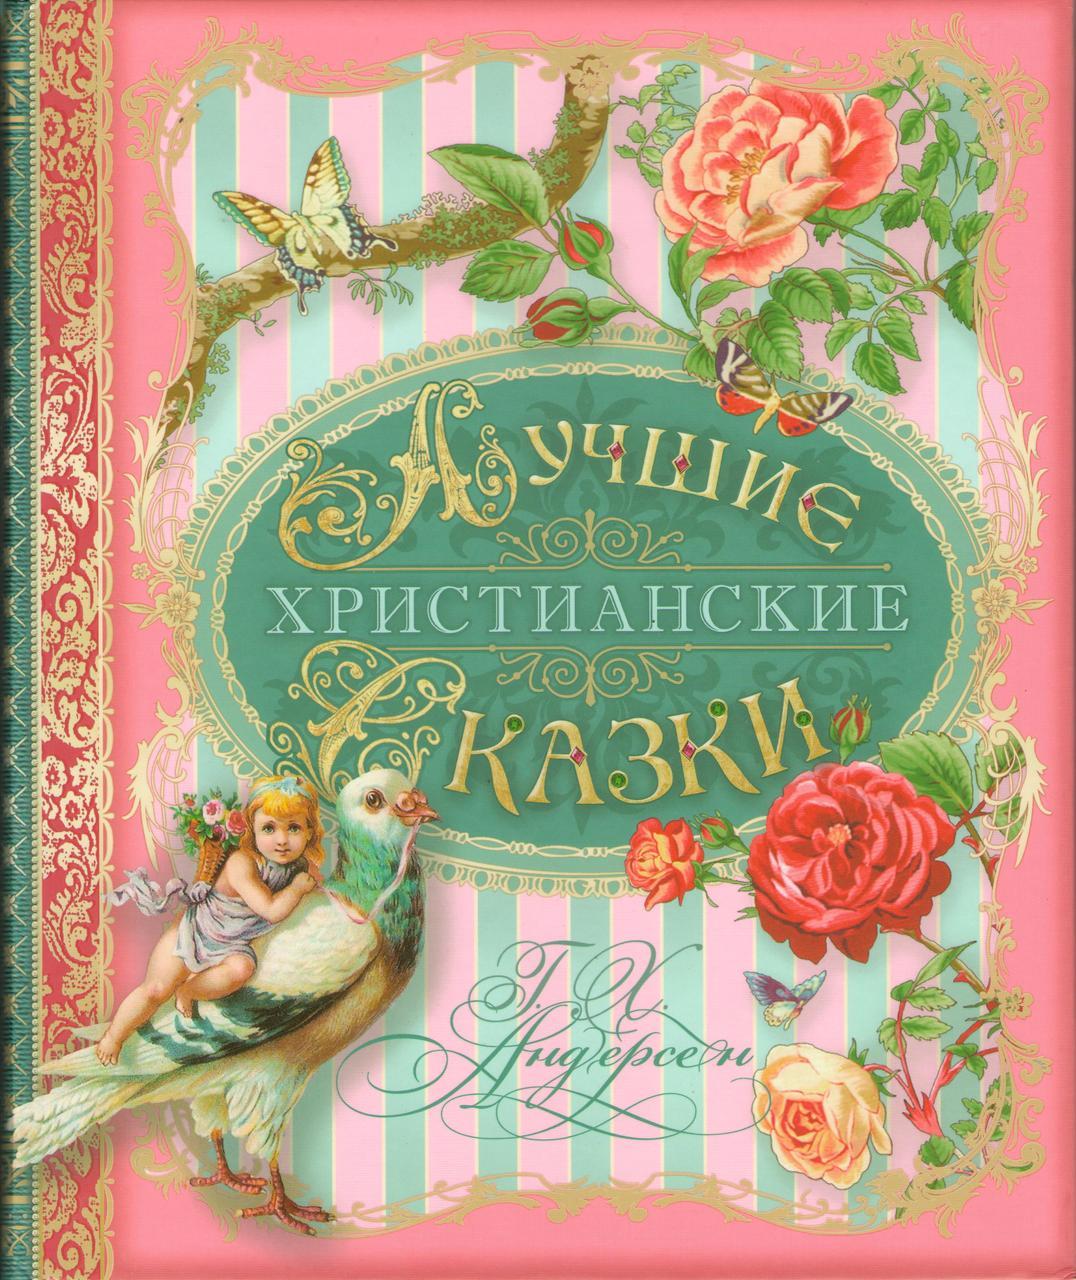 Лучшие христианские сказки. Андерсен Г.Х. Подарочное издание. Цветные иллюстрации